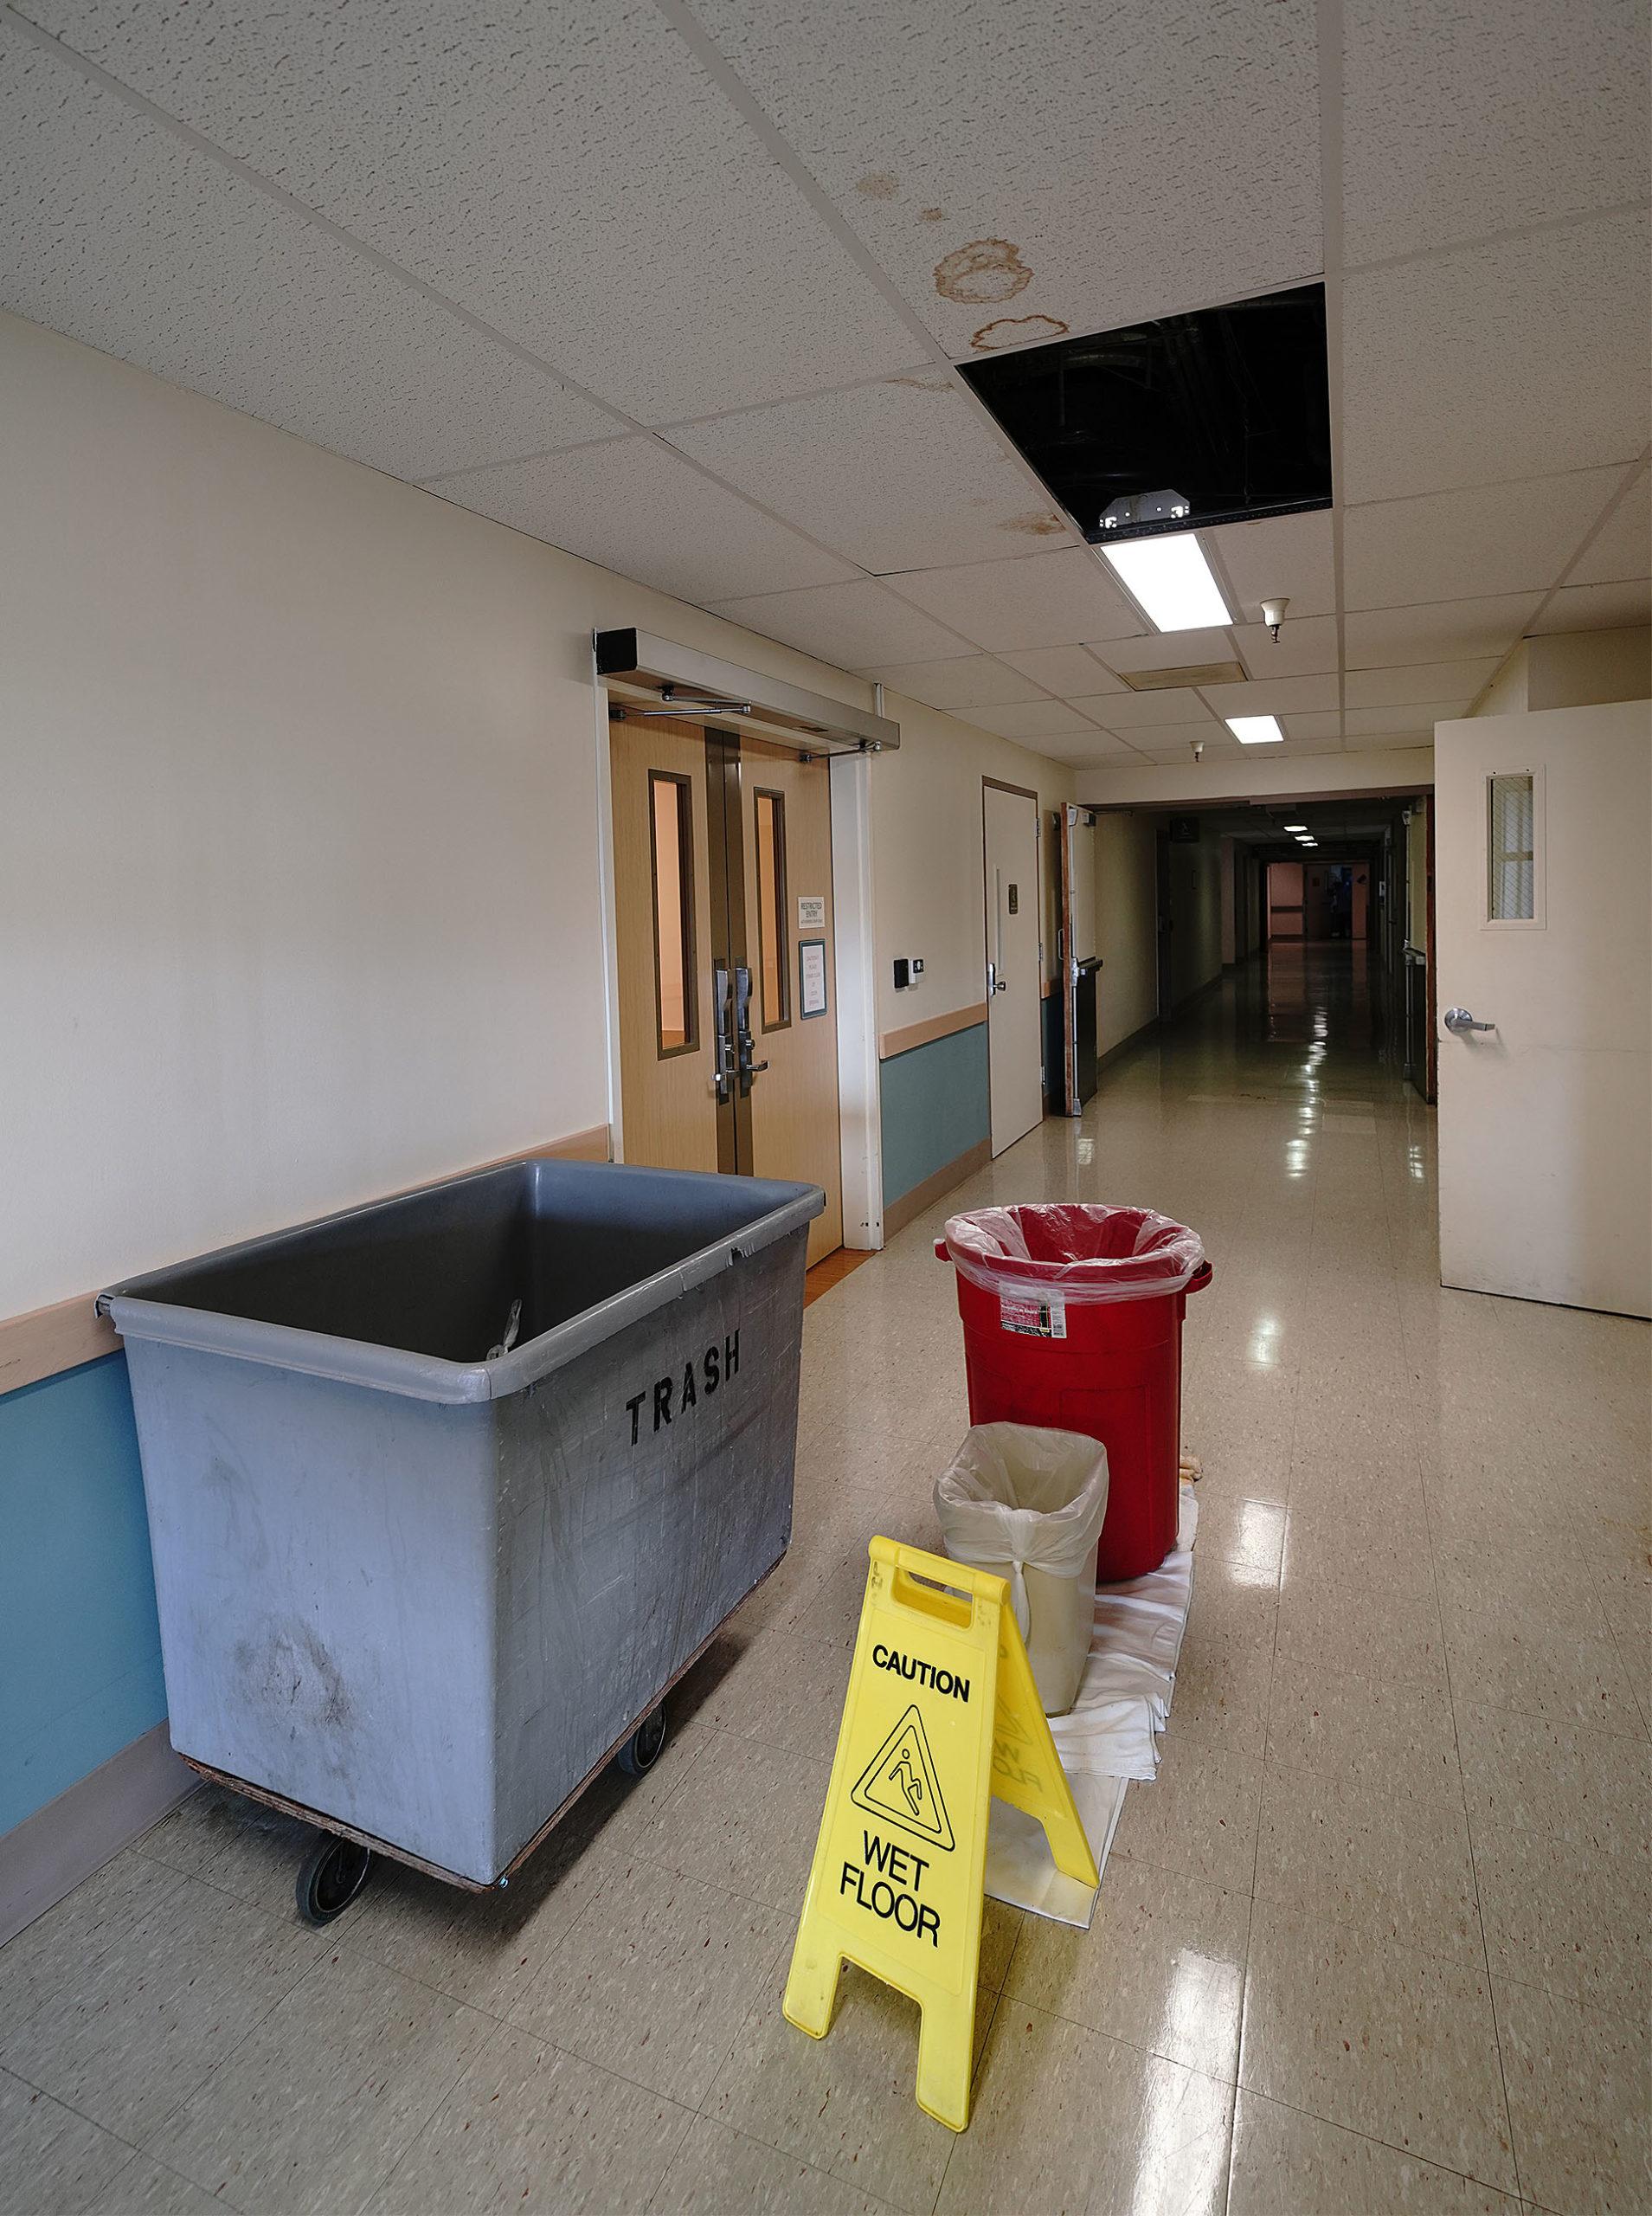 Hospital Emergency Room: Wahiawa General Hospital Leaking Outside Emergency Room Area